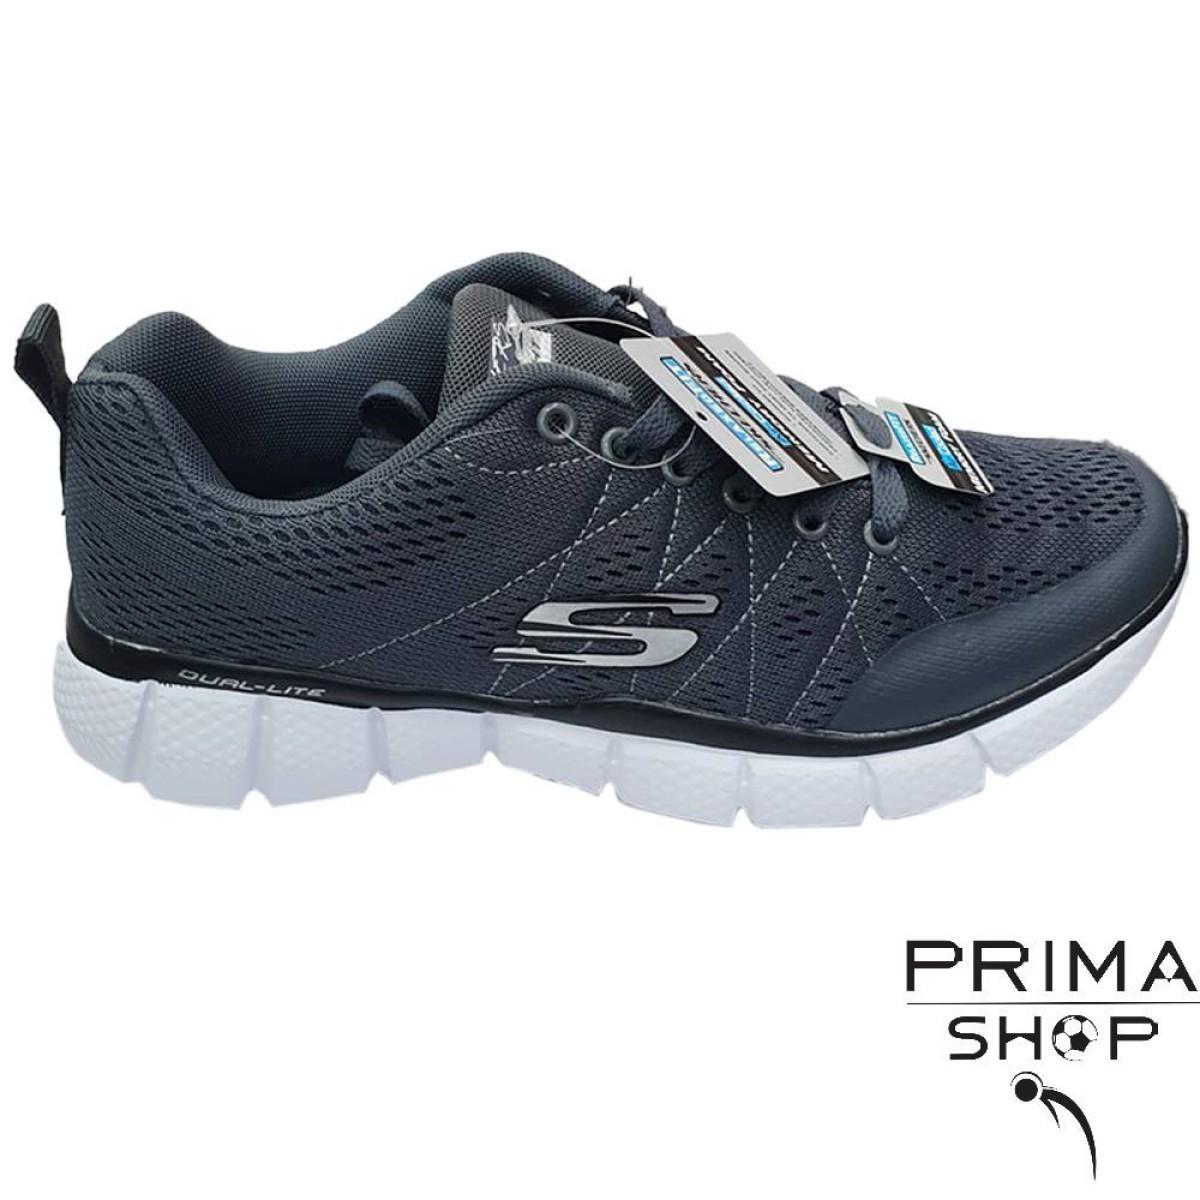 کفش اسکیچرز مردانه کد 06 (های کپی)